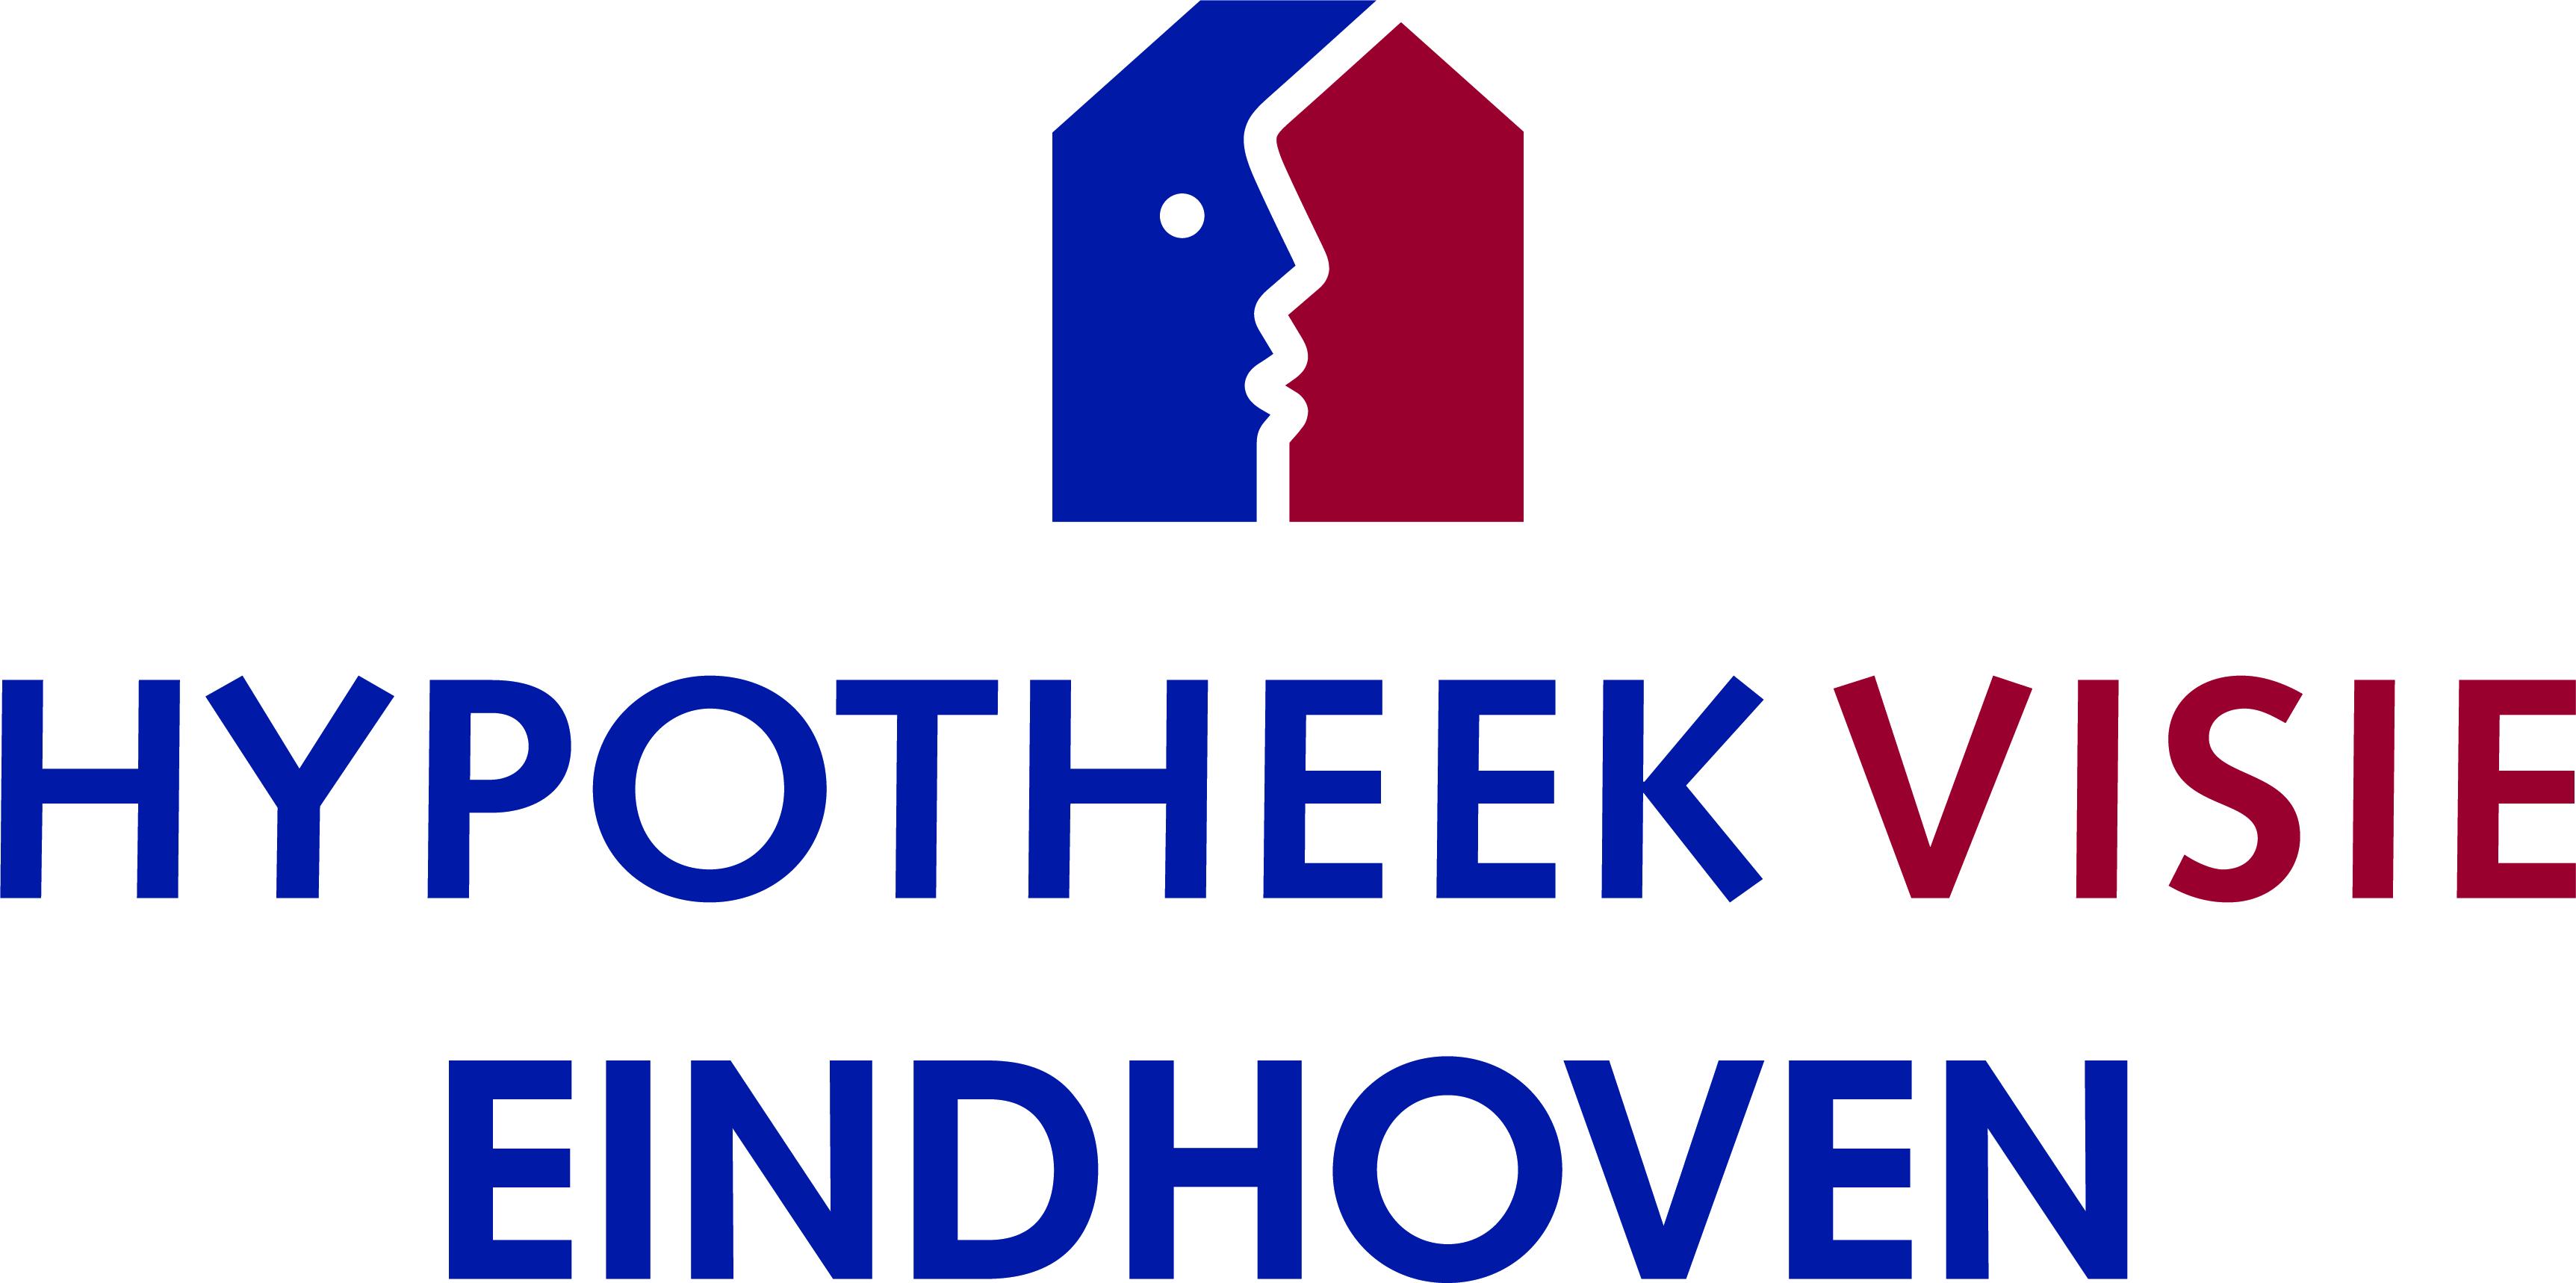 Hypotheek Visie Eindhoven